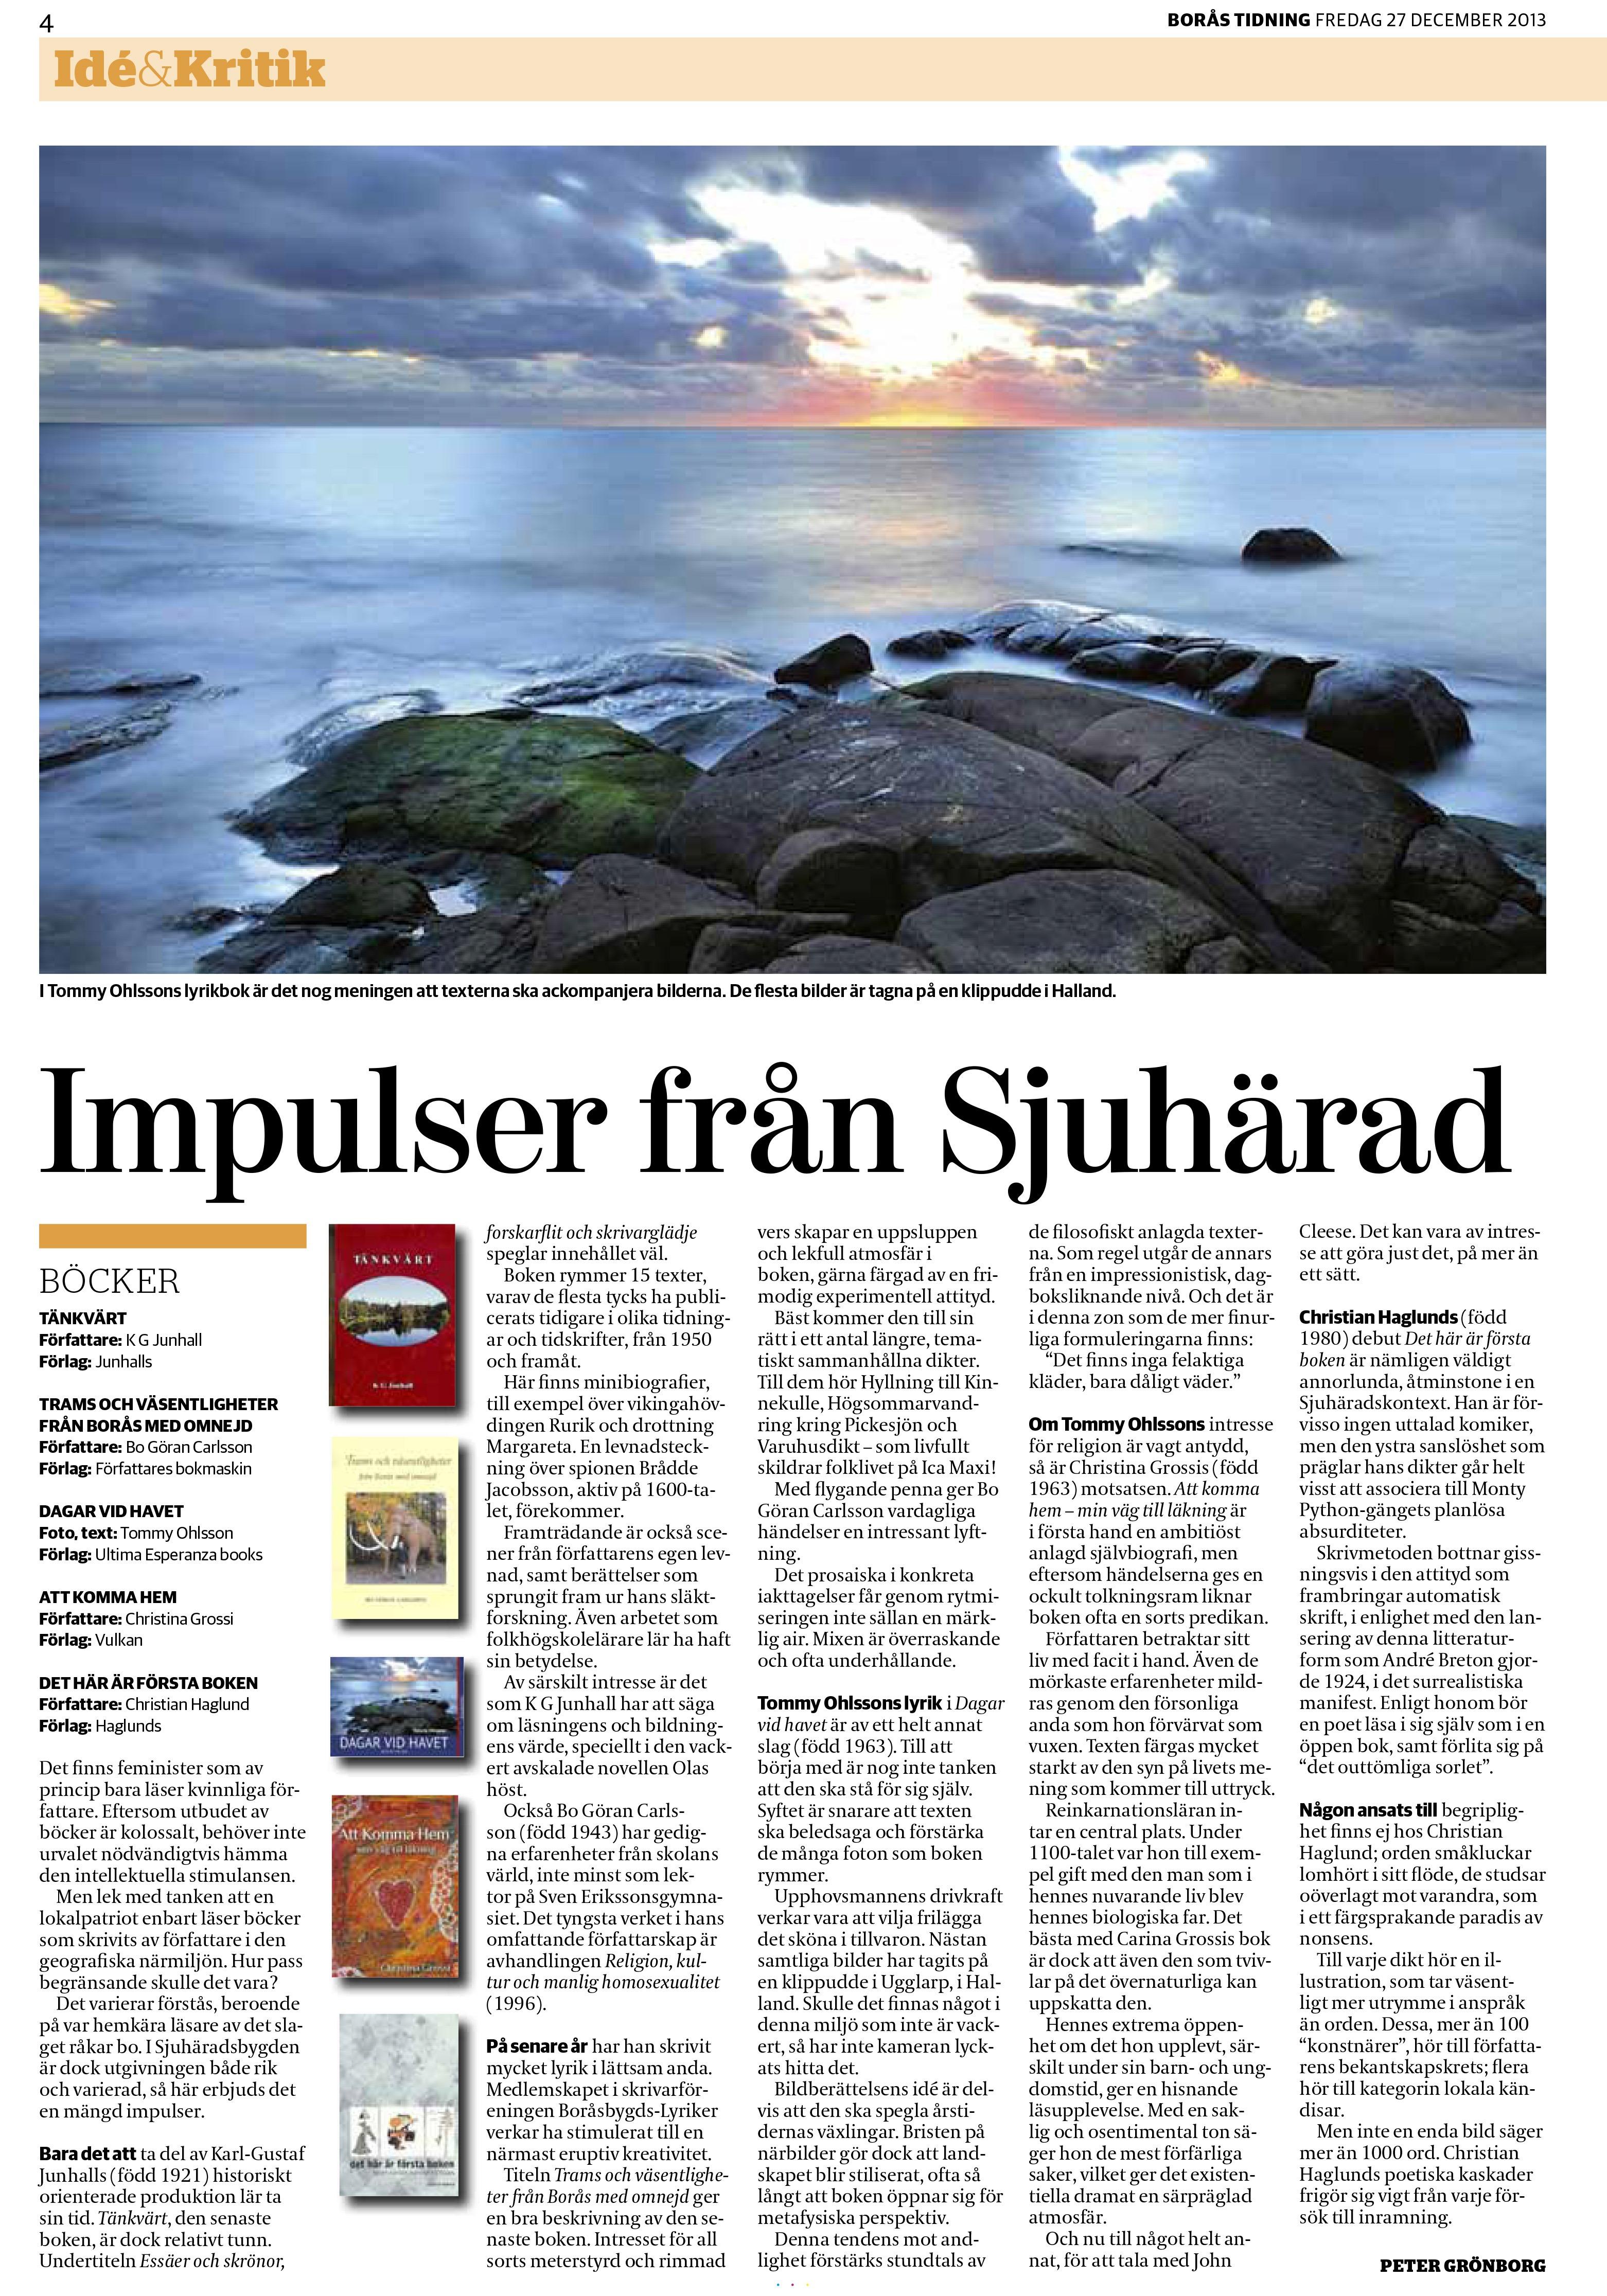 Att komma hem får fin recension i Borås tidning